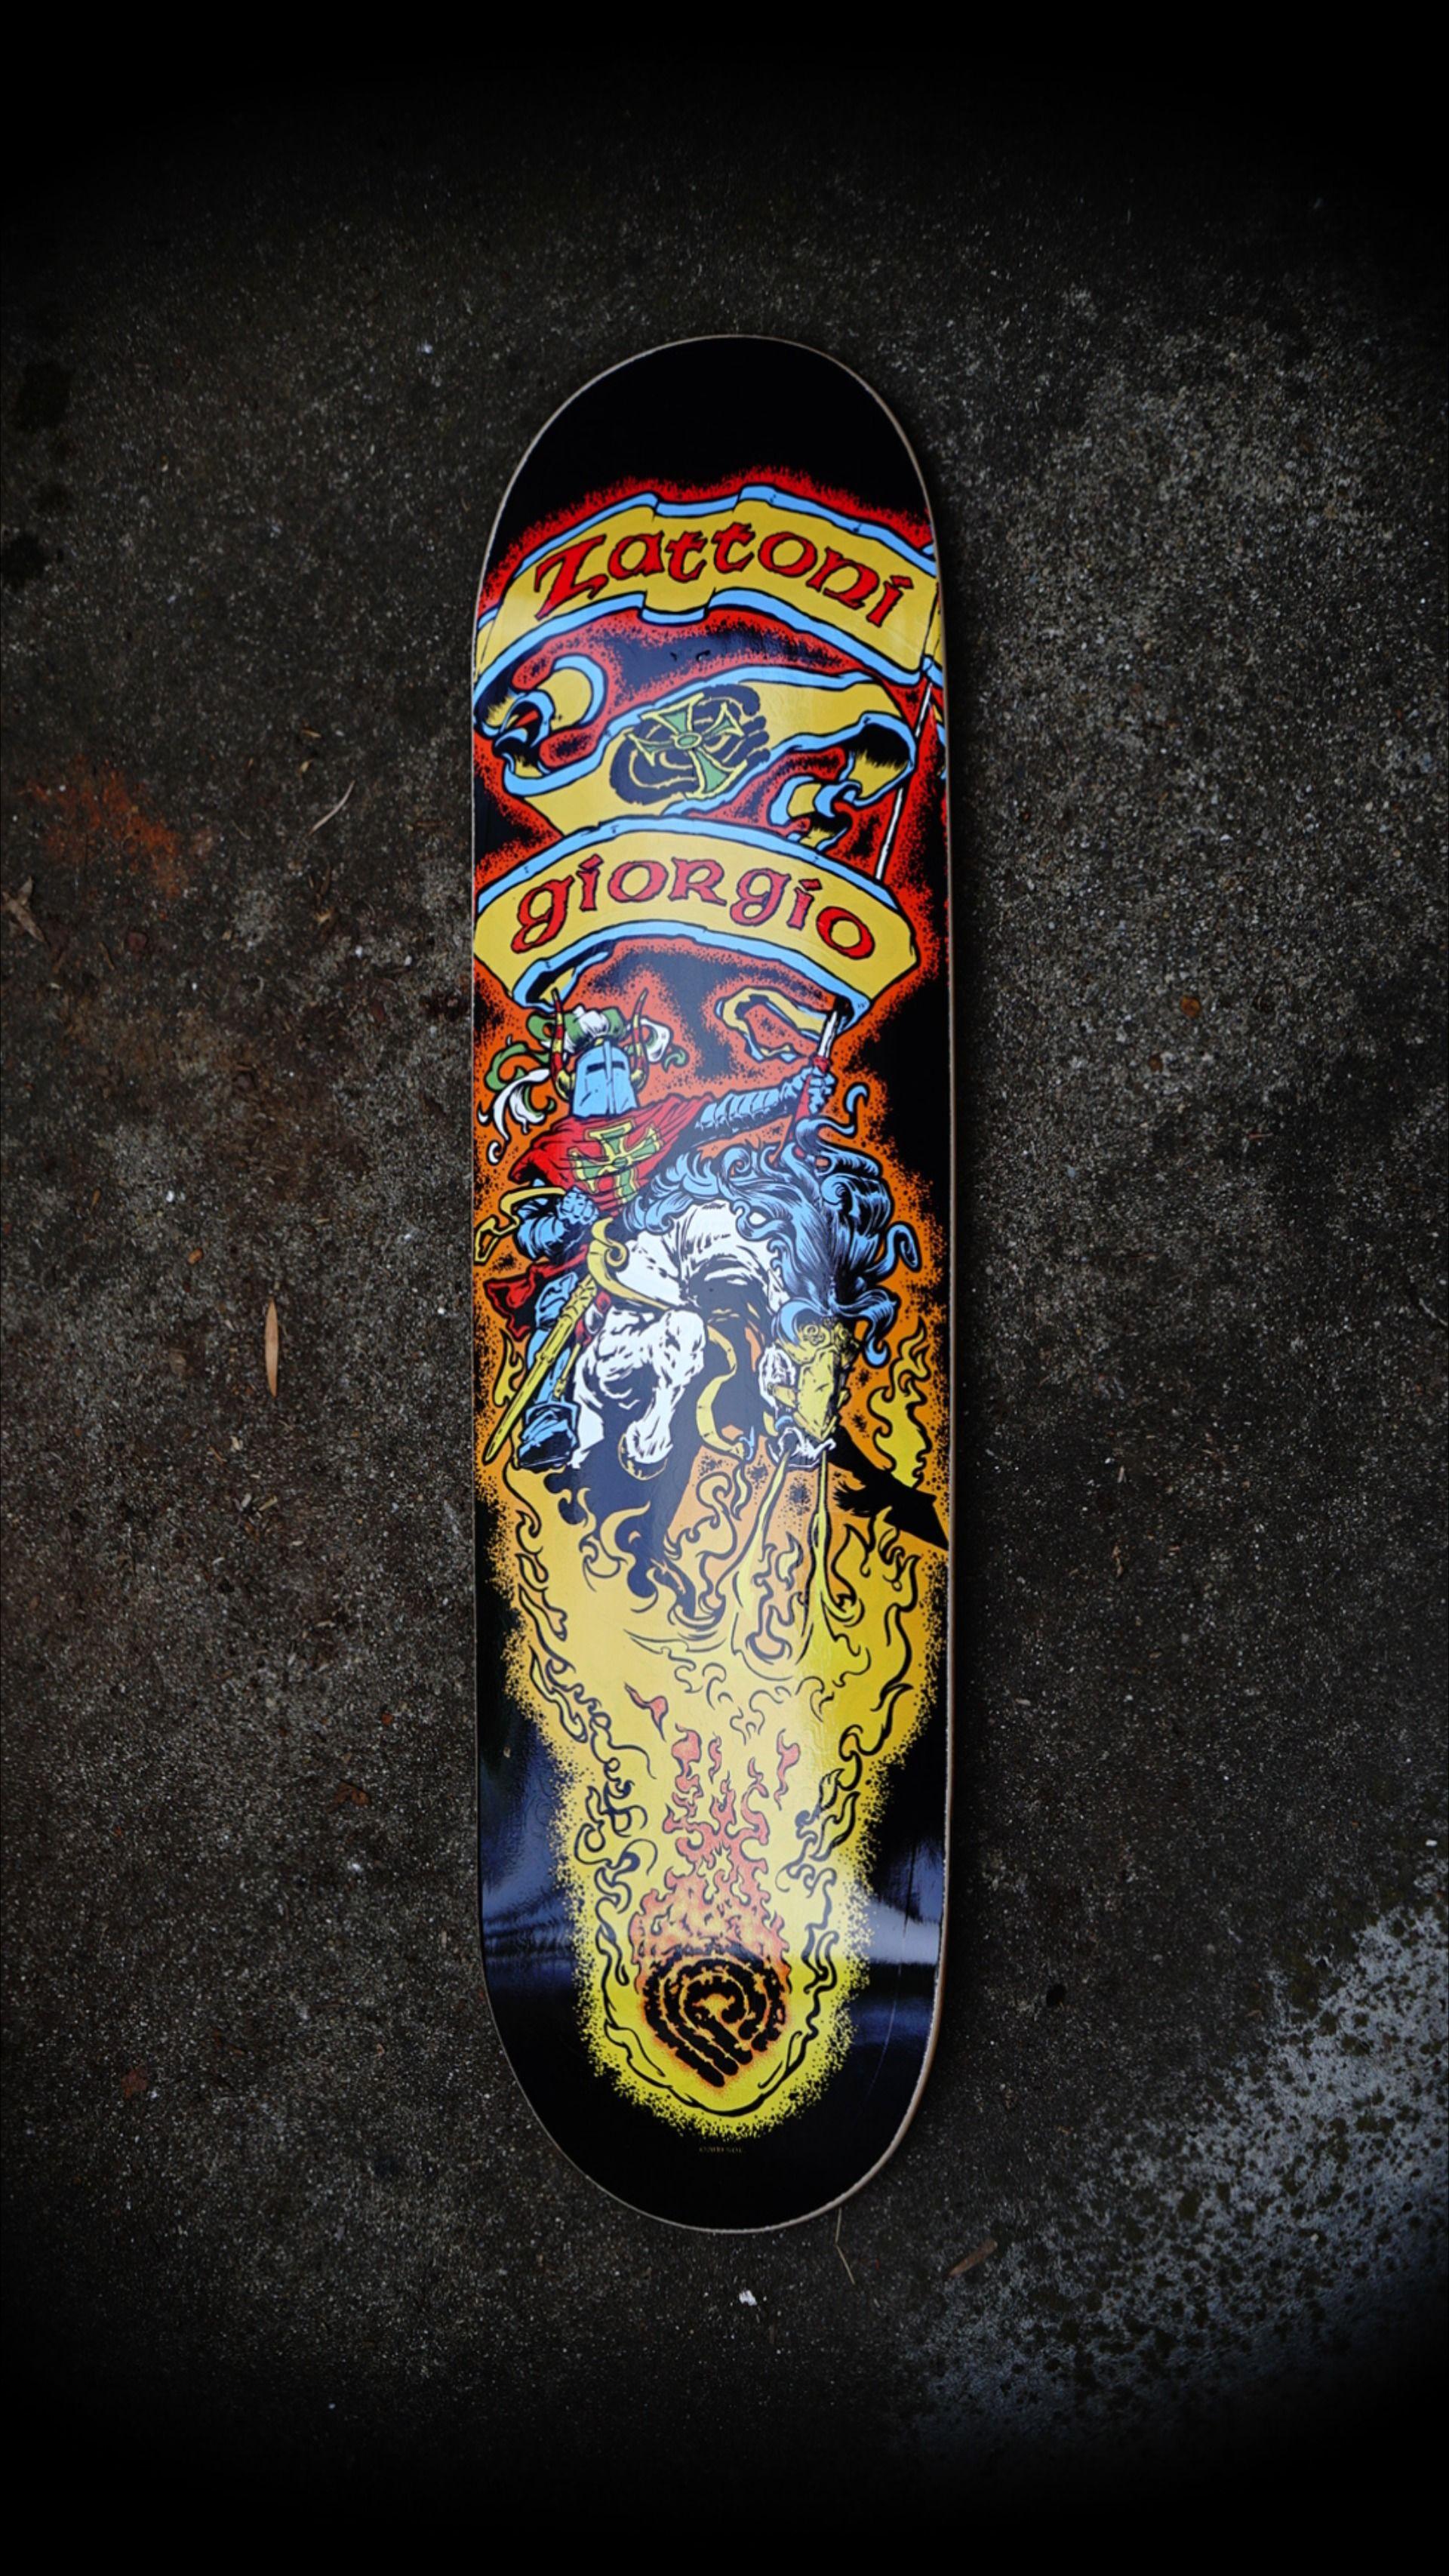 Powell Peralta Giorgio Zattoni Crusader Skateboard In 2020 Powell Peralta Skateboard Companies Skateboard